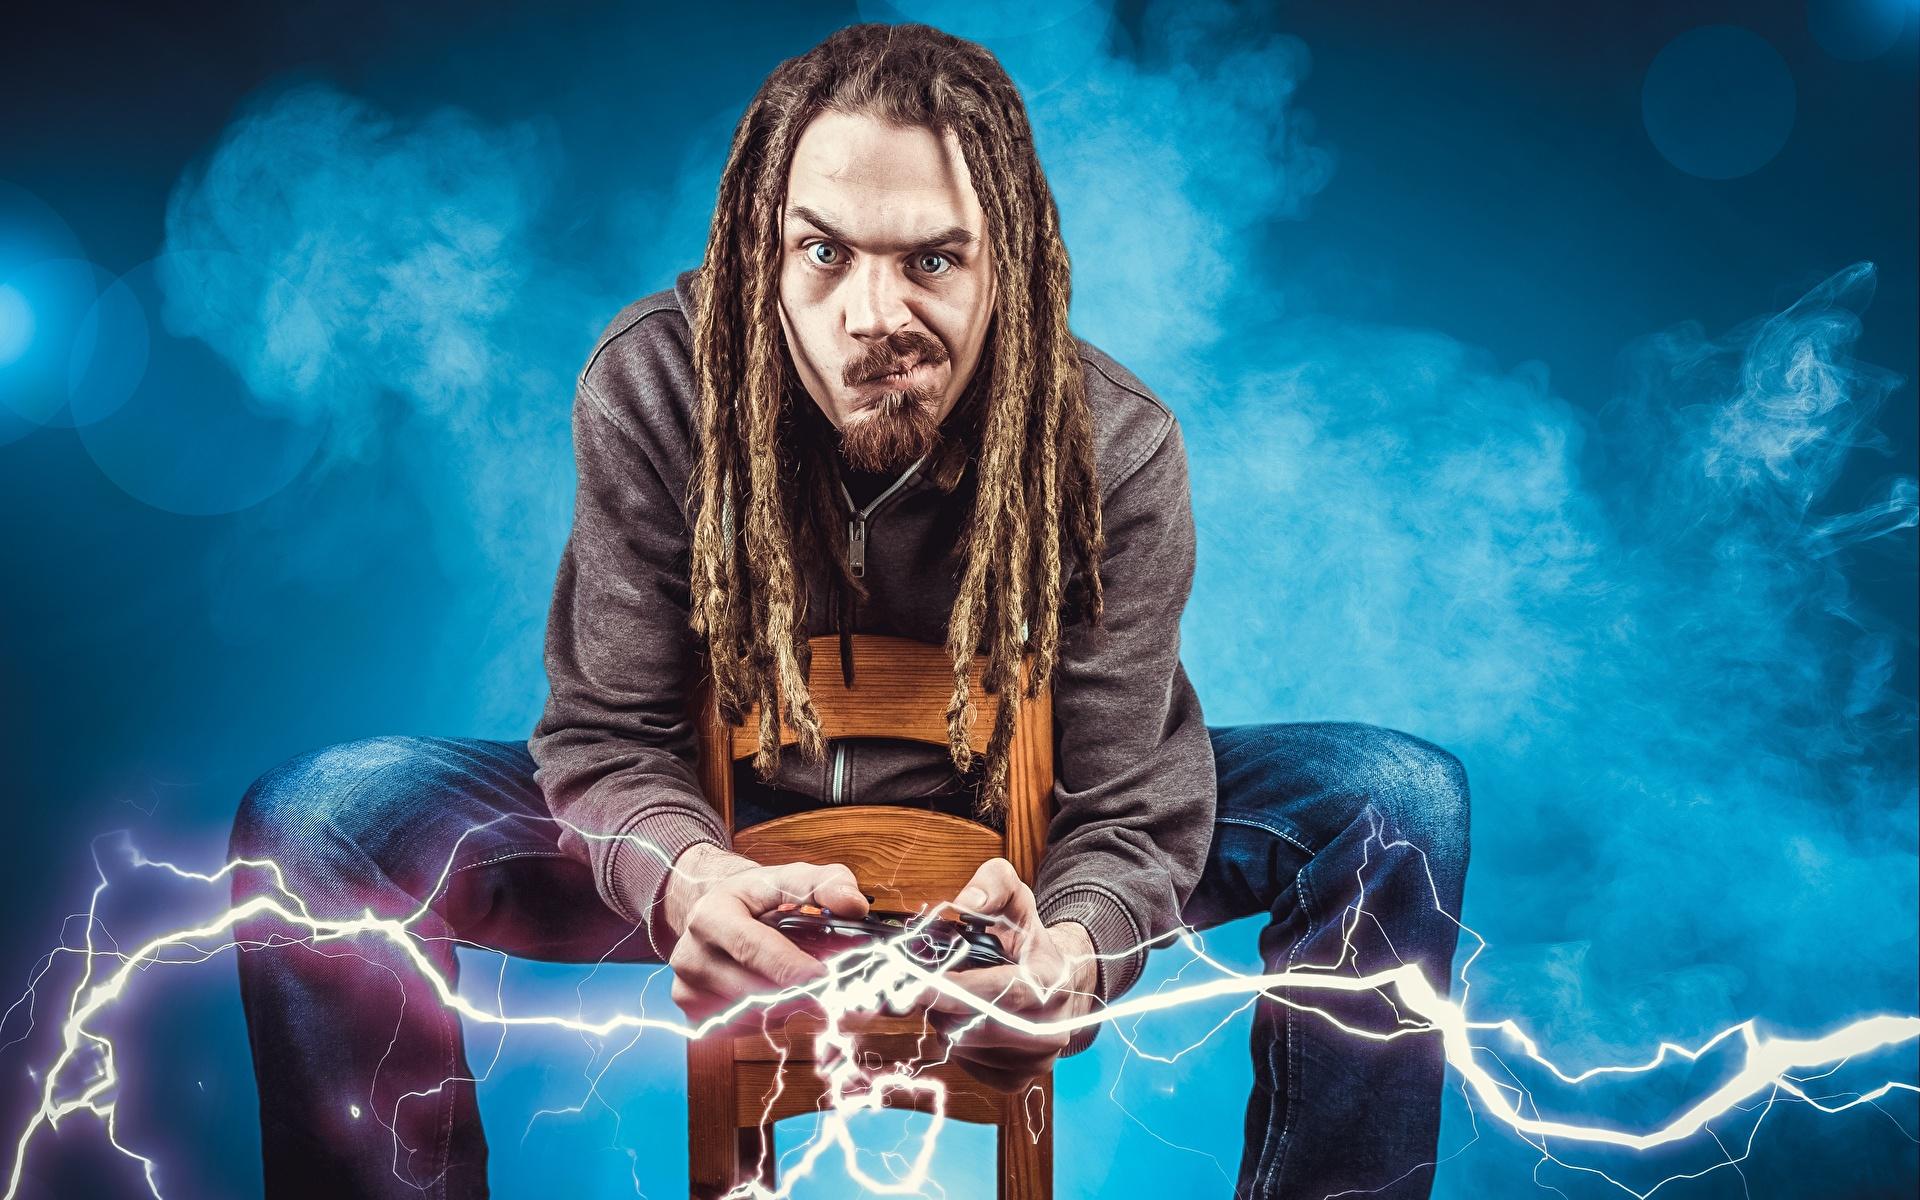 Bilder von Mann gamer Blitz Dreadlocks Kreativ Sitzend Blick 1920x1200 Dreads Starren